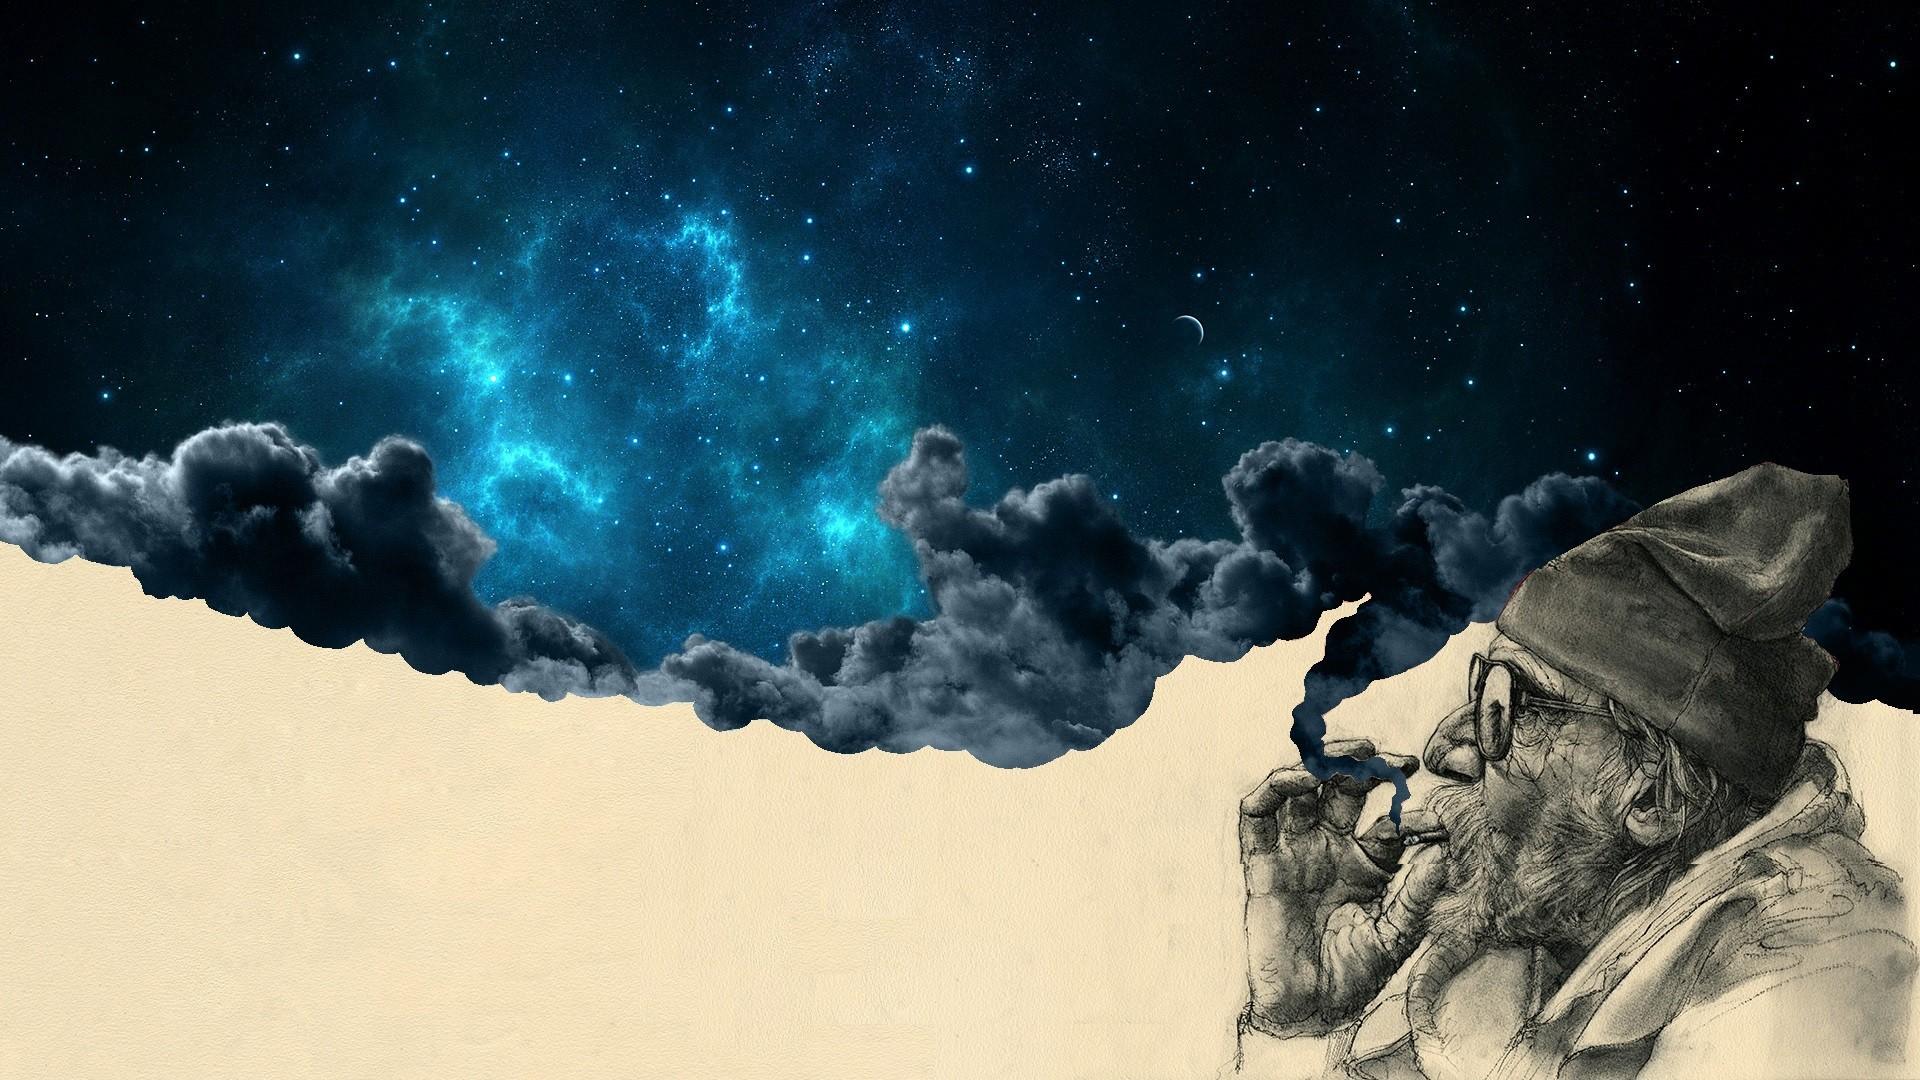 General 1920x1080 surreal space men old people night sky digital art space art artwork smoking